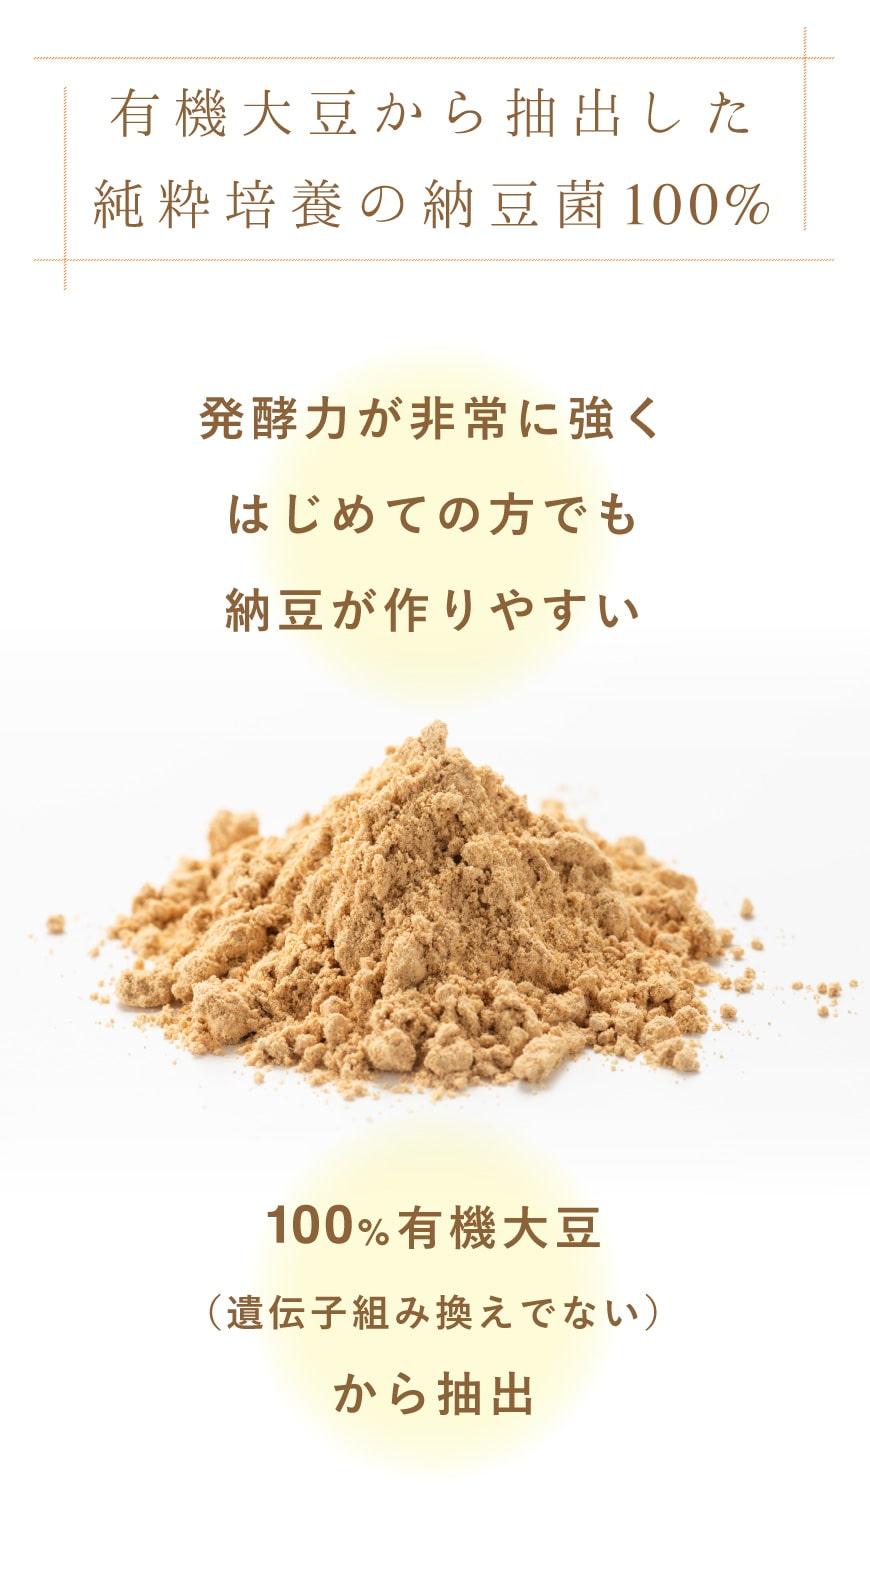 有機大豆から抽出した純粋培養の納豆菌100%